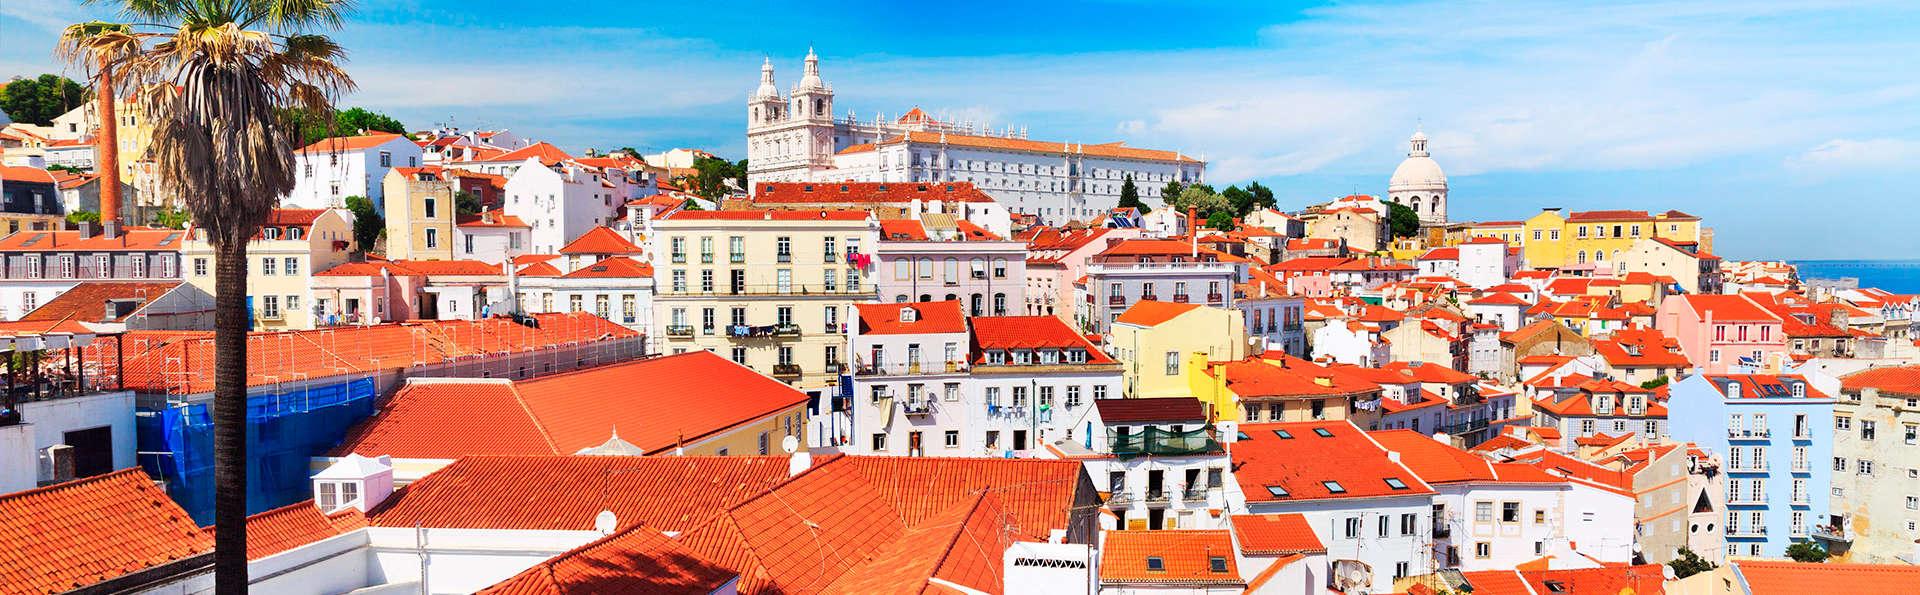 Escapada Romántica cerca de la animada Avenida da Liberdade de Lisboa